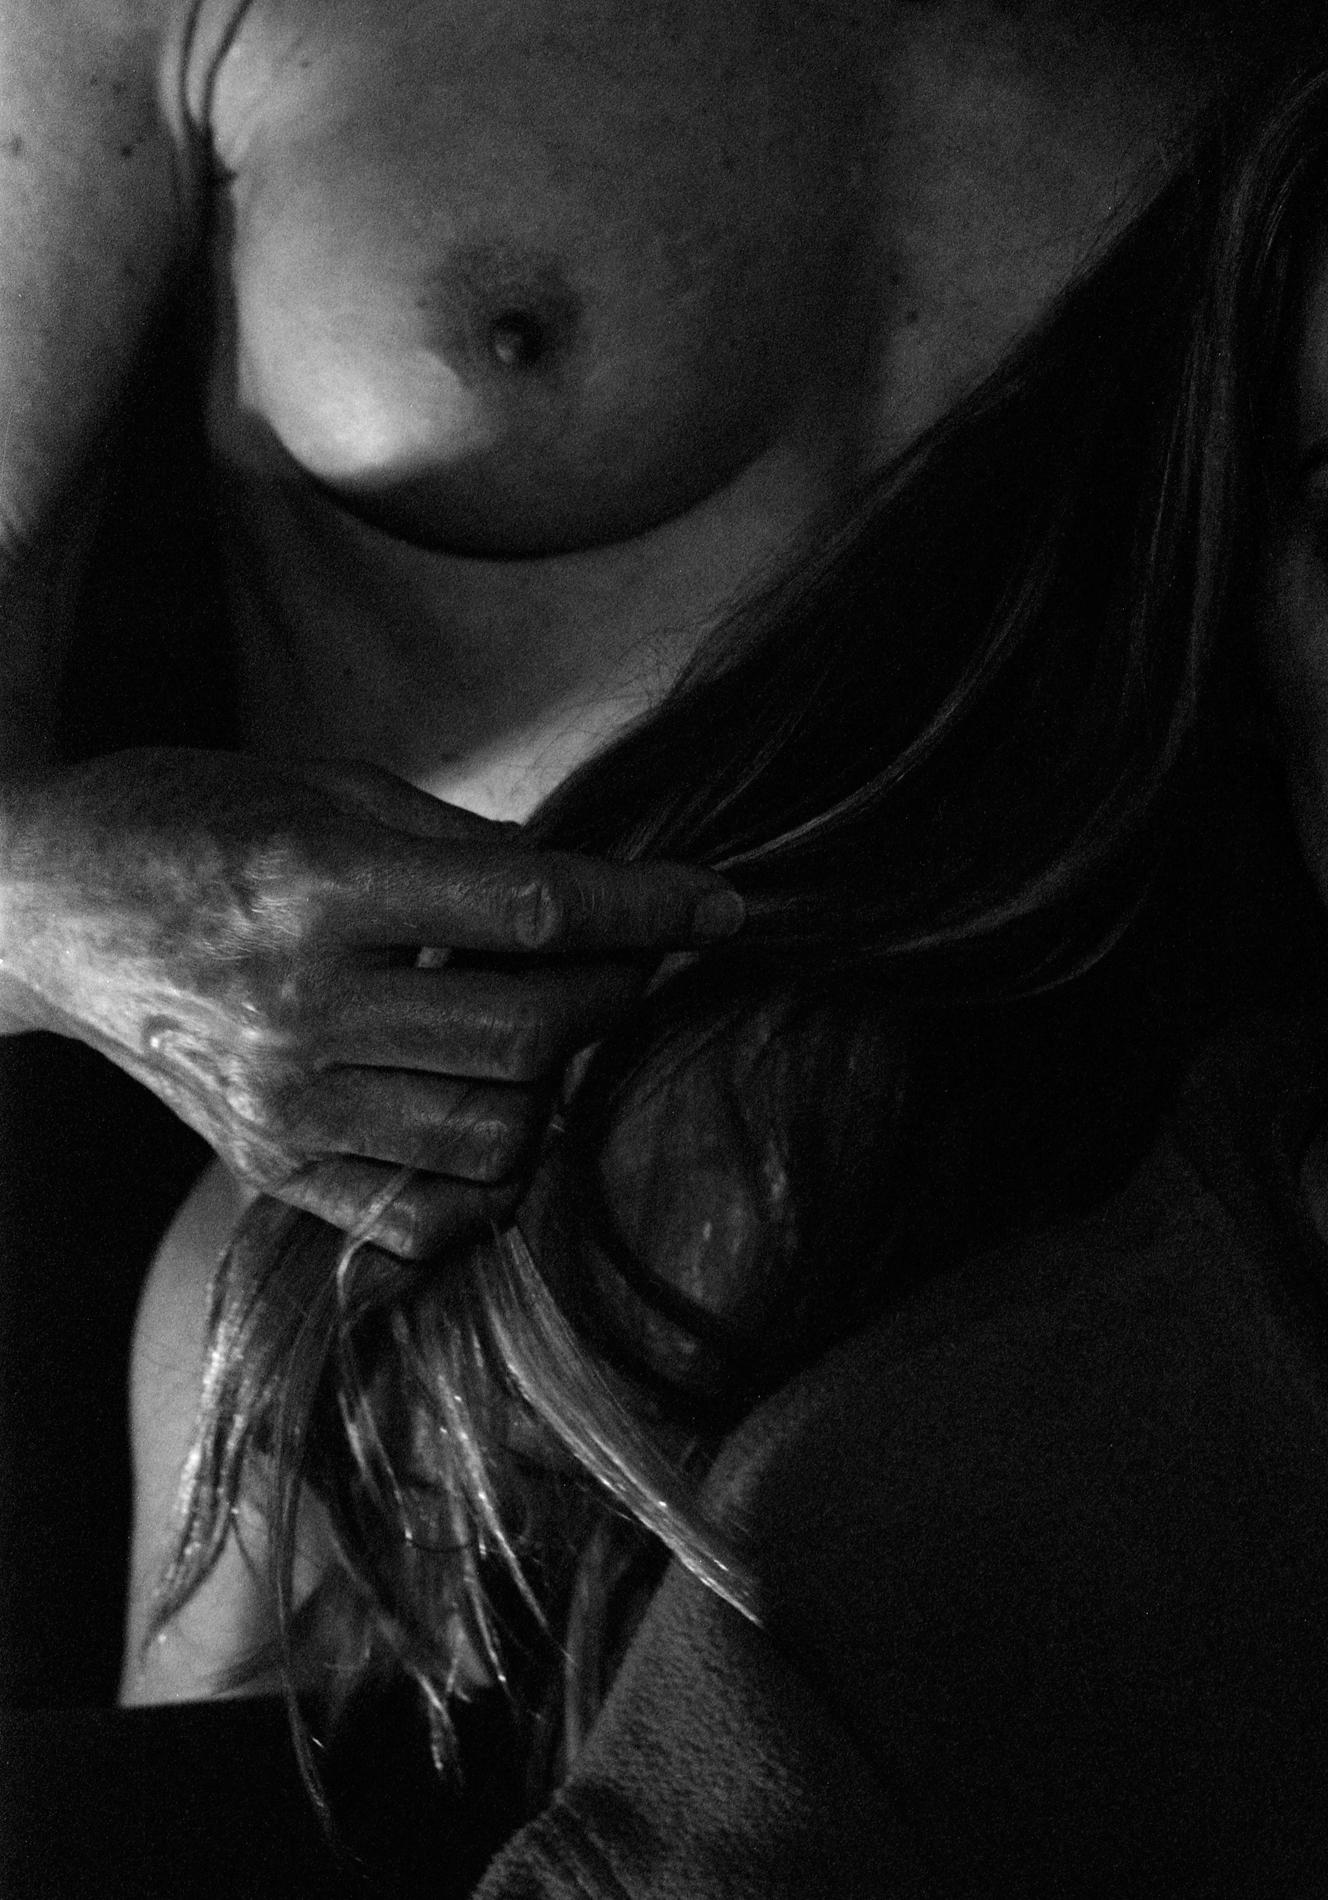 Hand, breast, hair, 2018